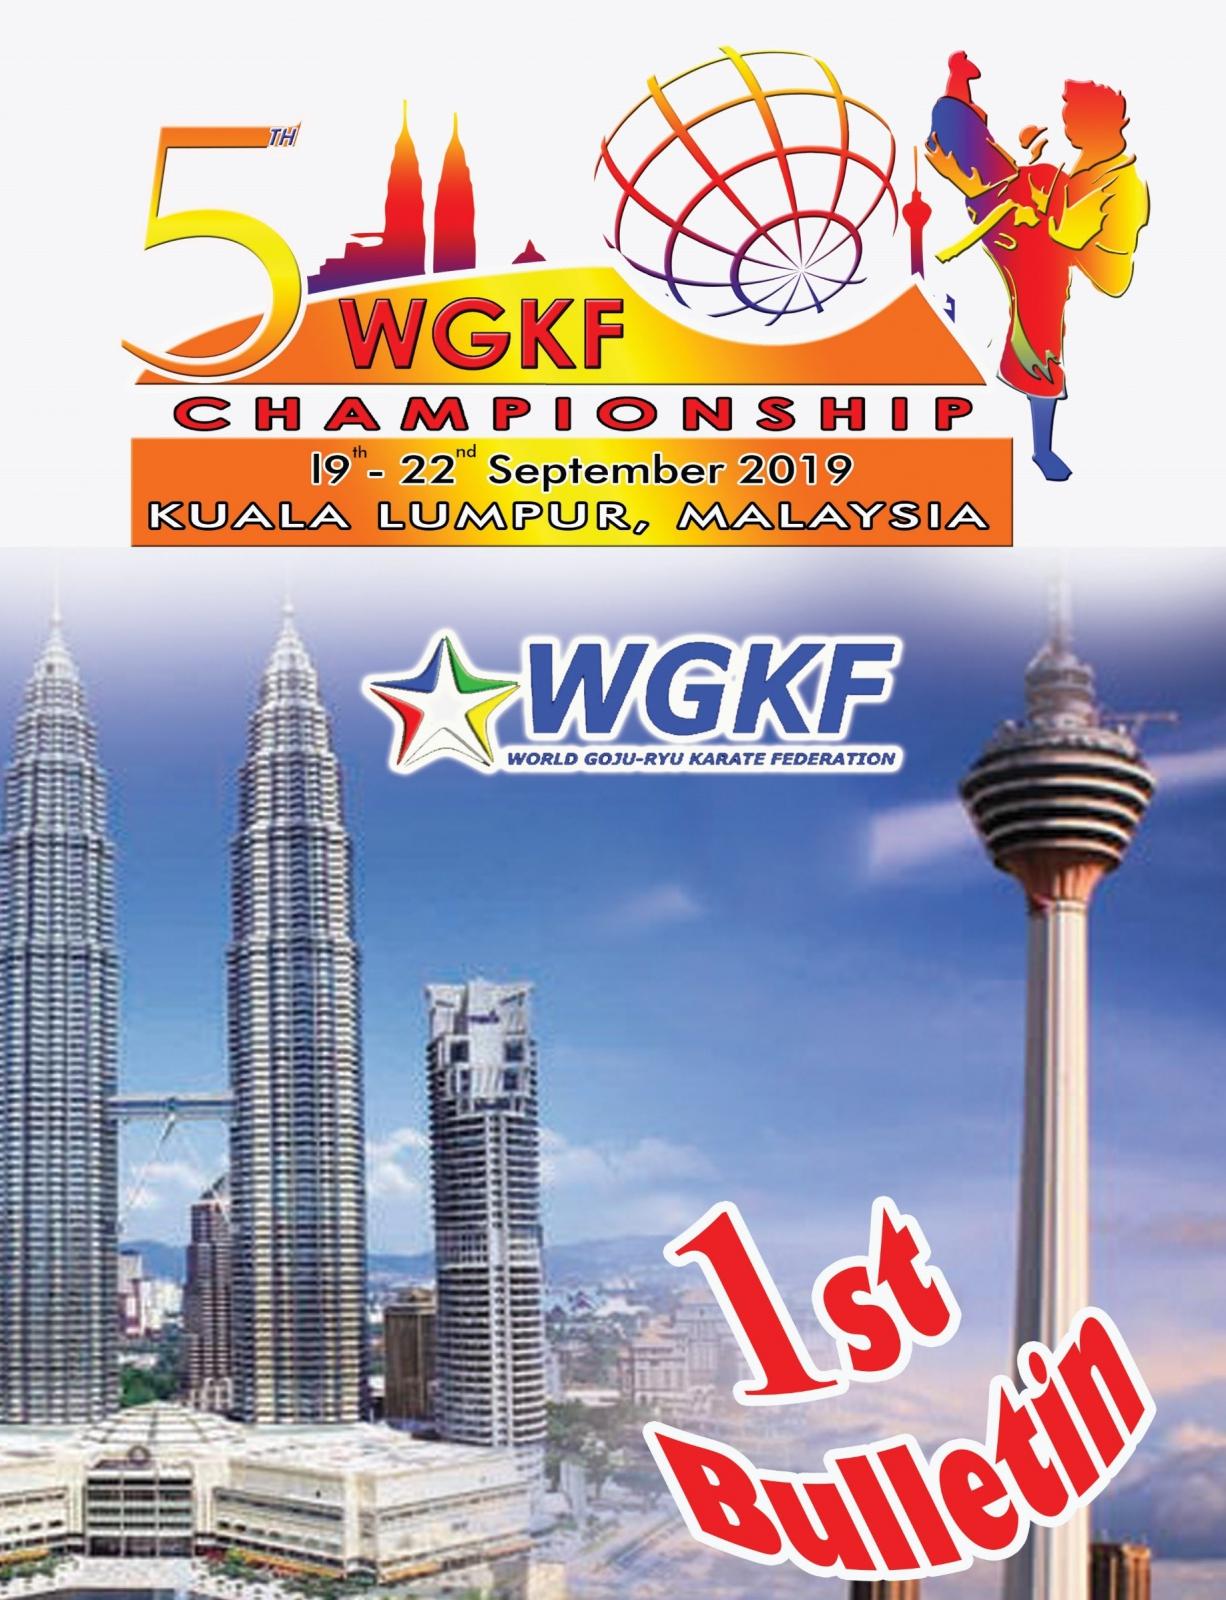 SET Online Karate: WGKF CHAMPIONSHIP 2019 KUALA LUMPUR, MALAYSIA